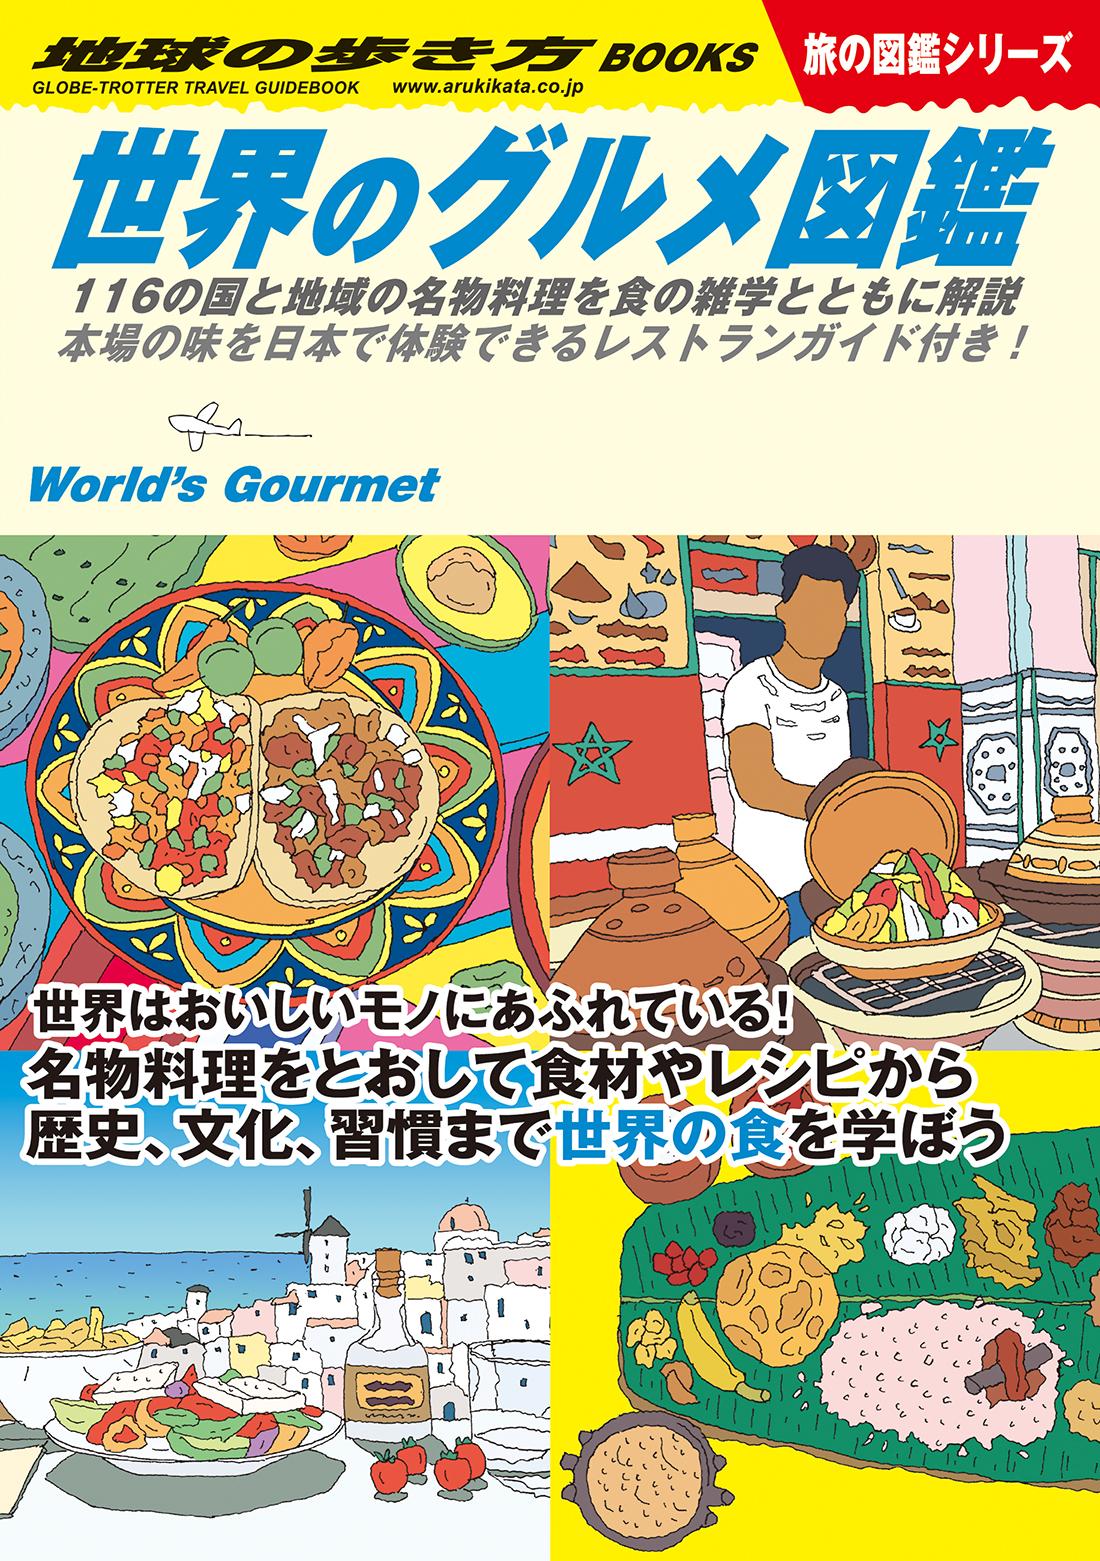 『世界のグルメ図鑑 116の国と地域の名物料理を食の雑学とともに解説 本場の味を日本で体験できるレストランガイド付き!』書影